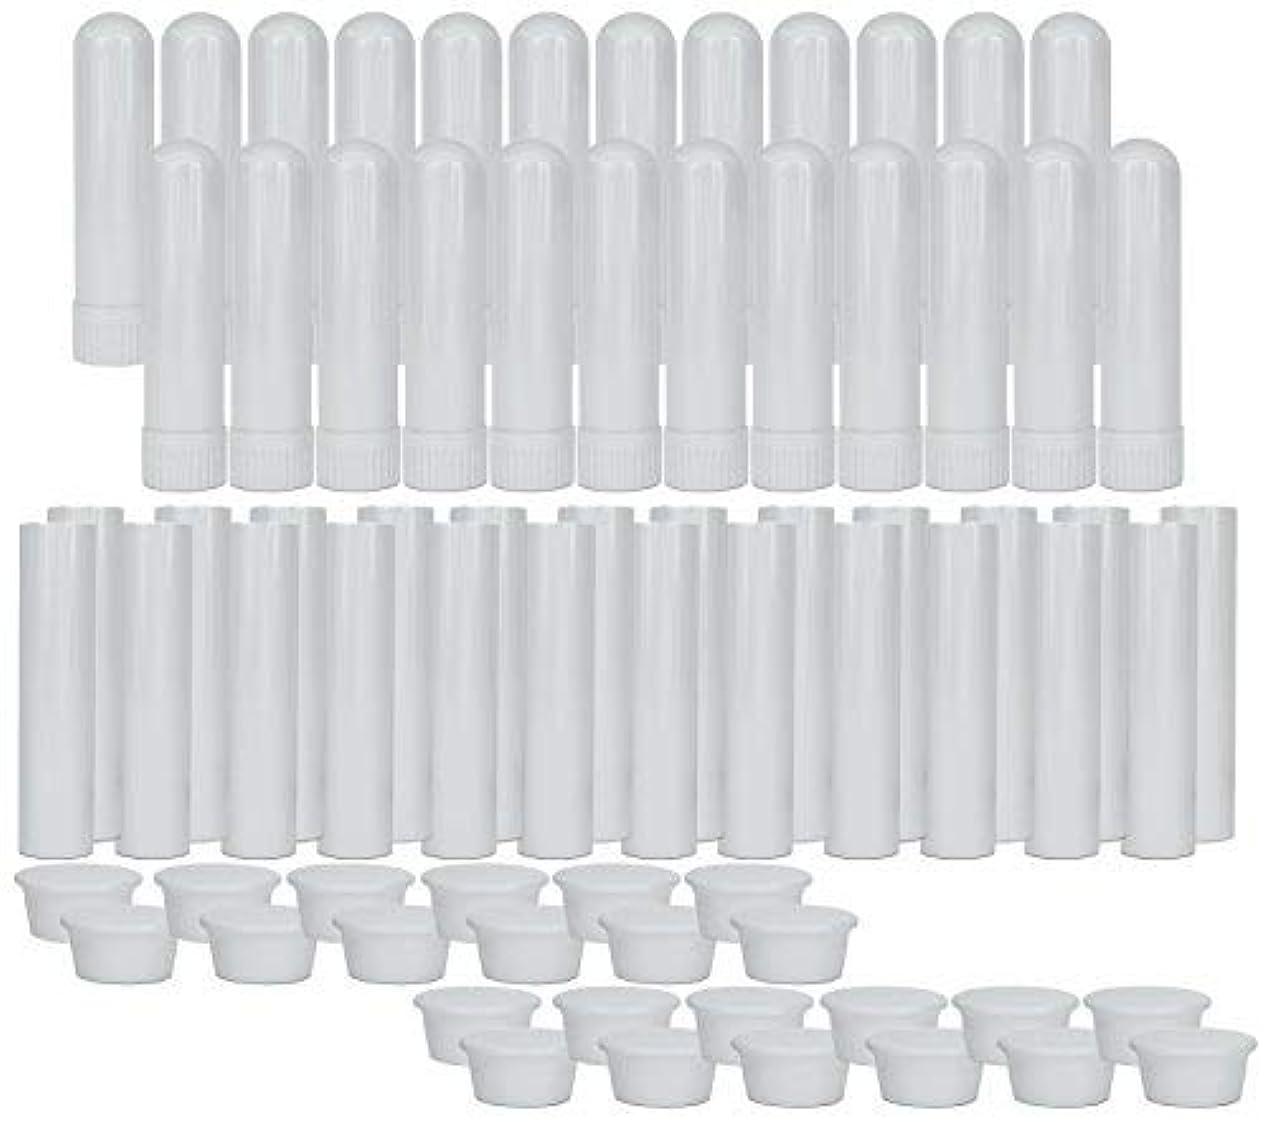 無線達成可能くつろぎEssential Oil Aromatherapy Blank Nasal Inhaler Tubes (24 Complete Sticks), Empty Nasal Inhalers for Essential...